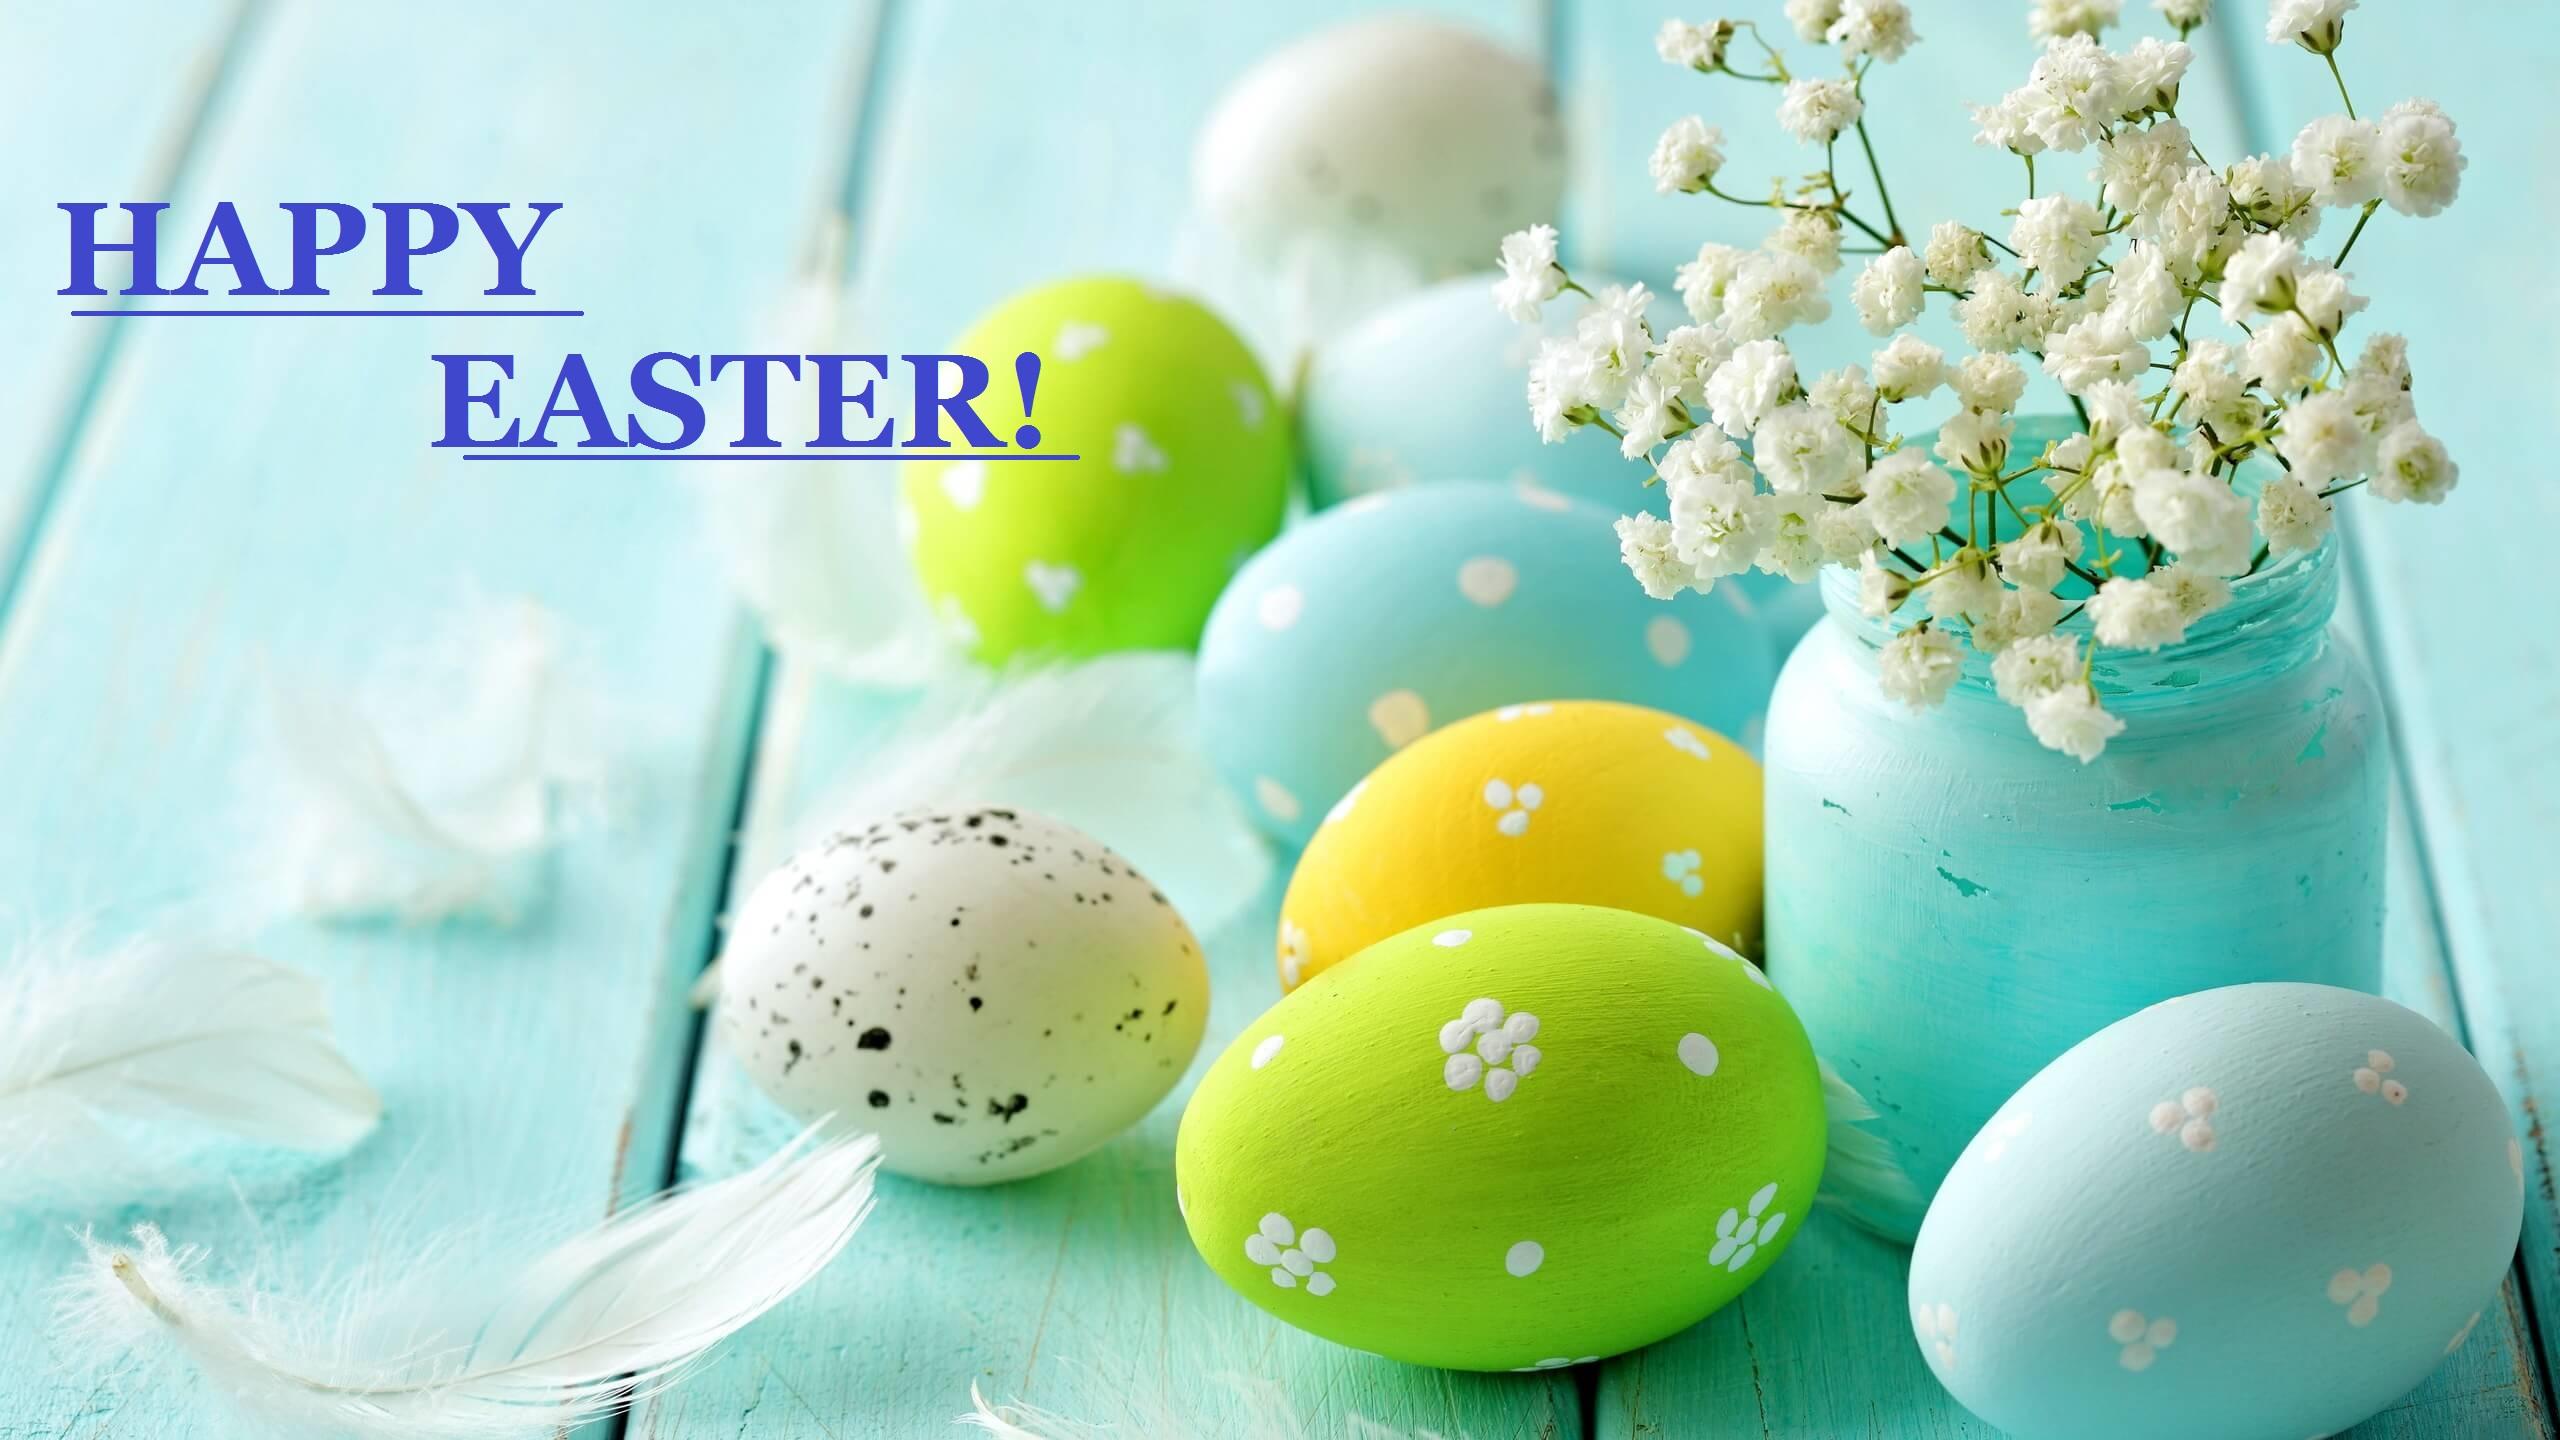 Easter Wallpaper Easter 2018 2560x1440